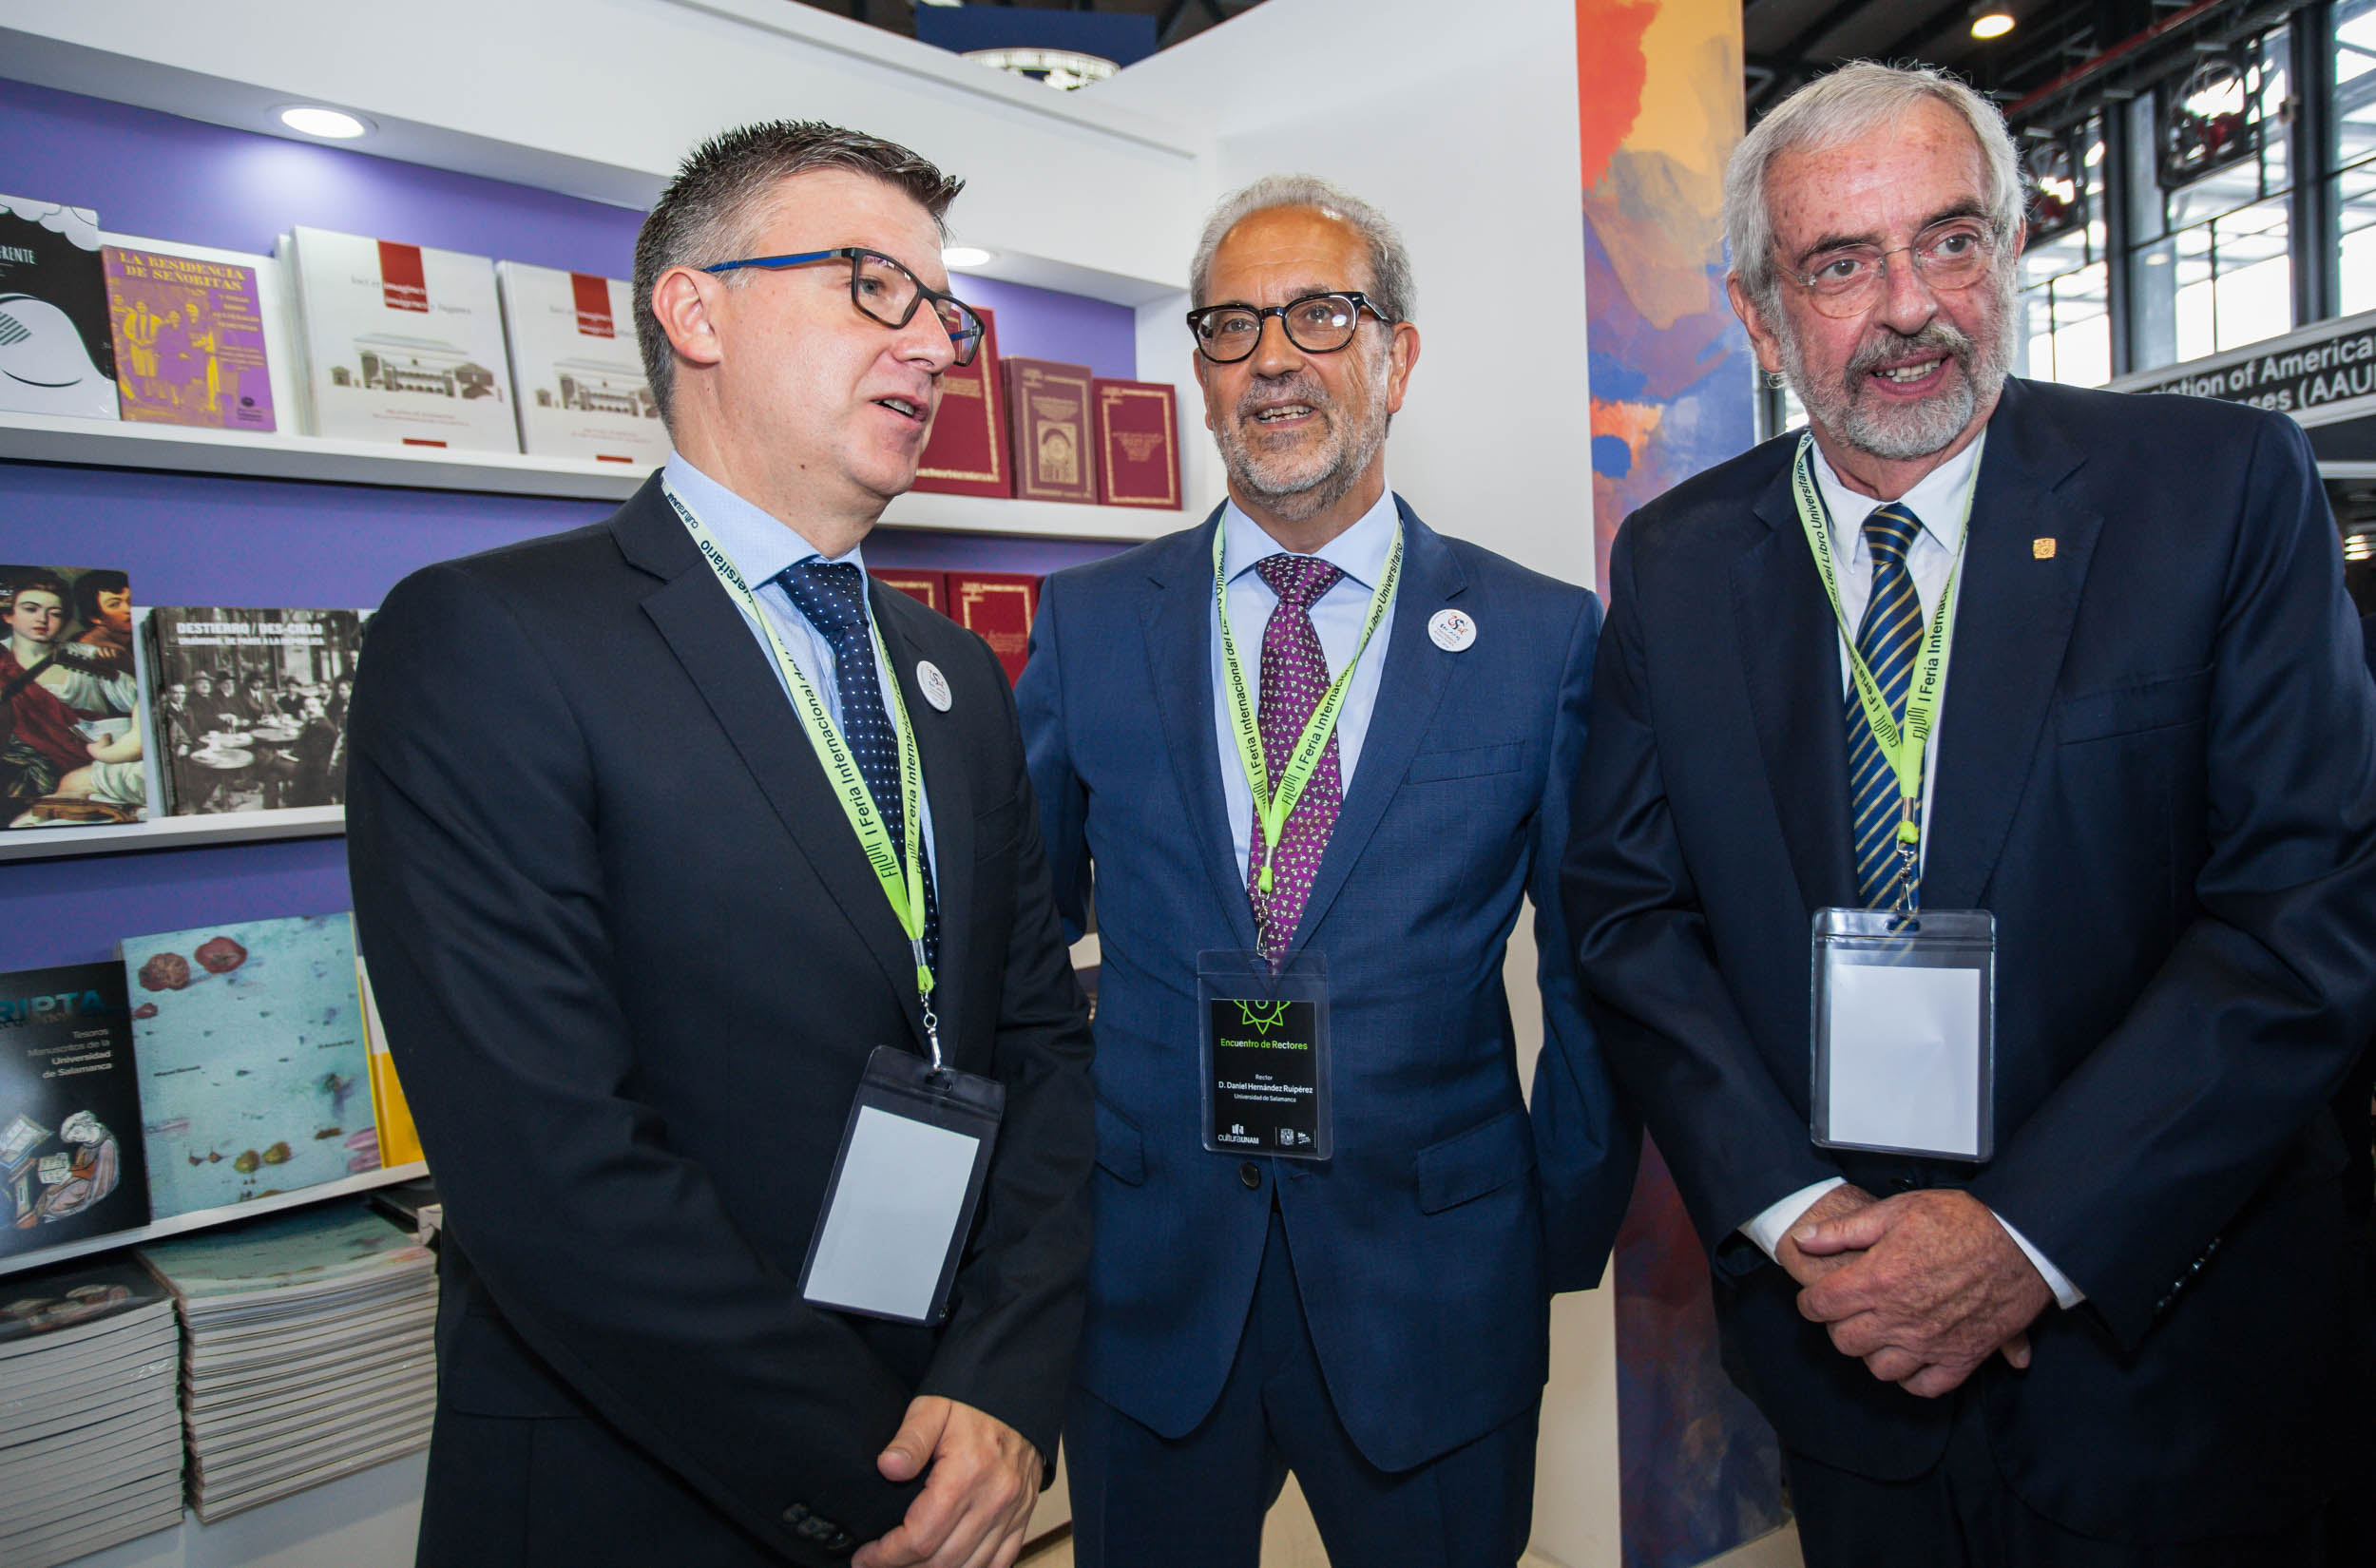 Eduardo Azofra, director de Ediciones USAL, junto a los rectores de Salamanca y la UNAM